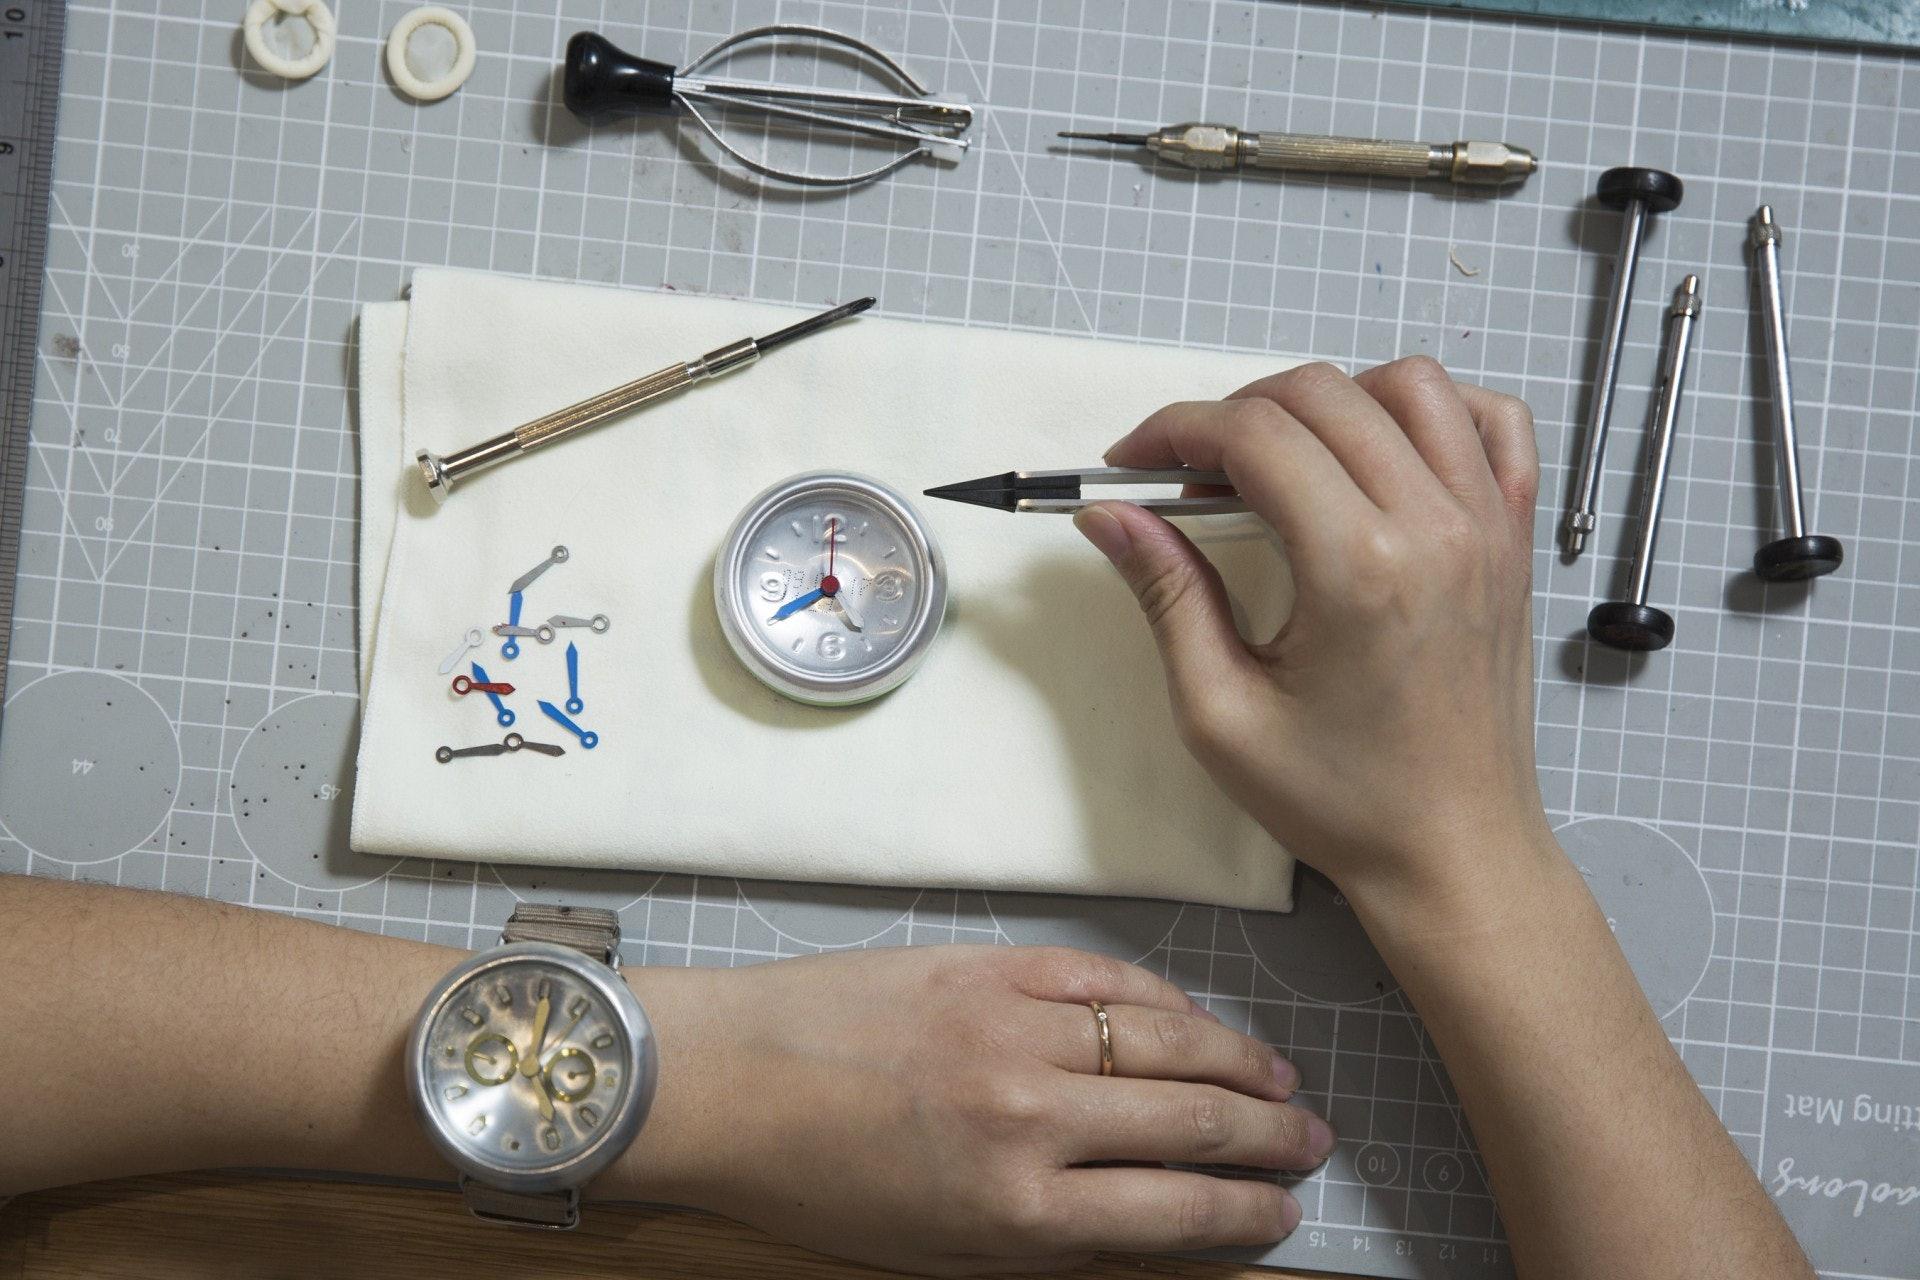 不似一般鐘錶師傅,Kat造錶時只需簡單的工具,不用眼戴放大鏡,甚至連鑲時針的複雜工序都可以徒手完成。(黃寶瑩攝)